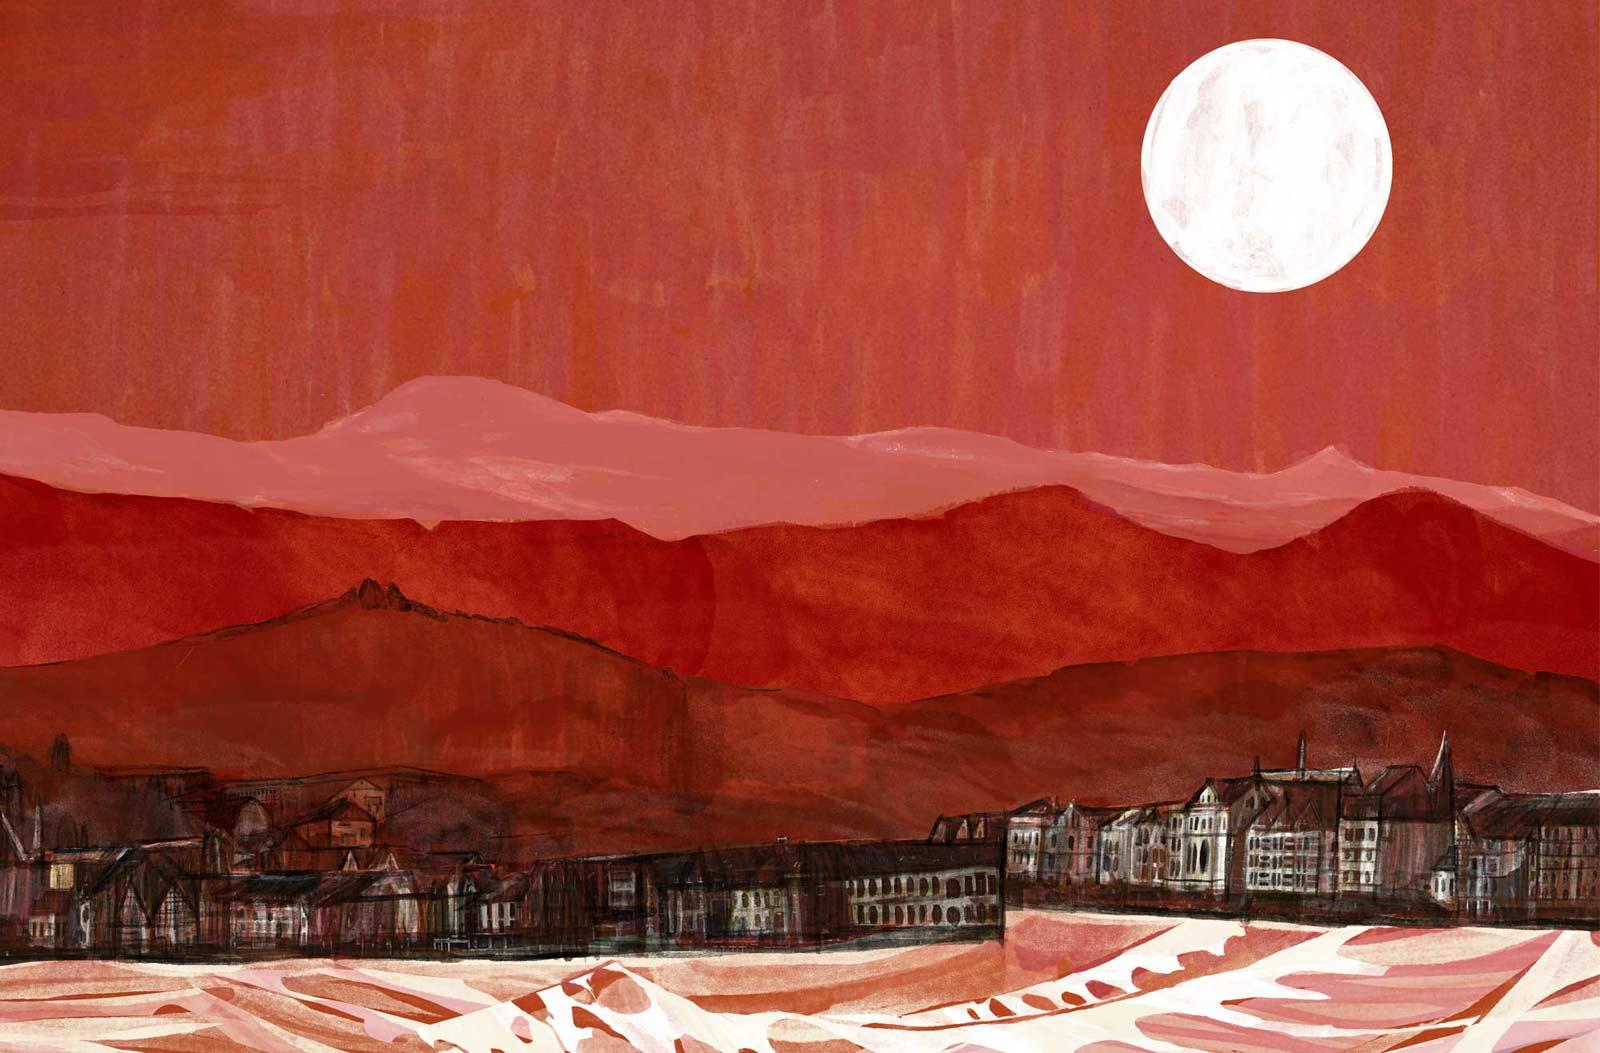 Mario Jodra illustration Art - Wahlheim (based on Garbenheim, near Wetzlar). Landscape detail II